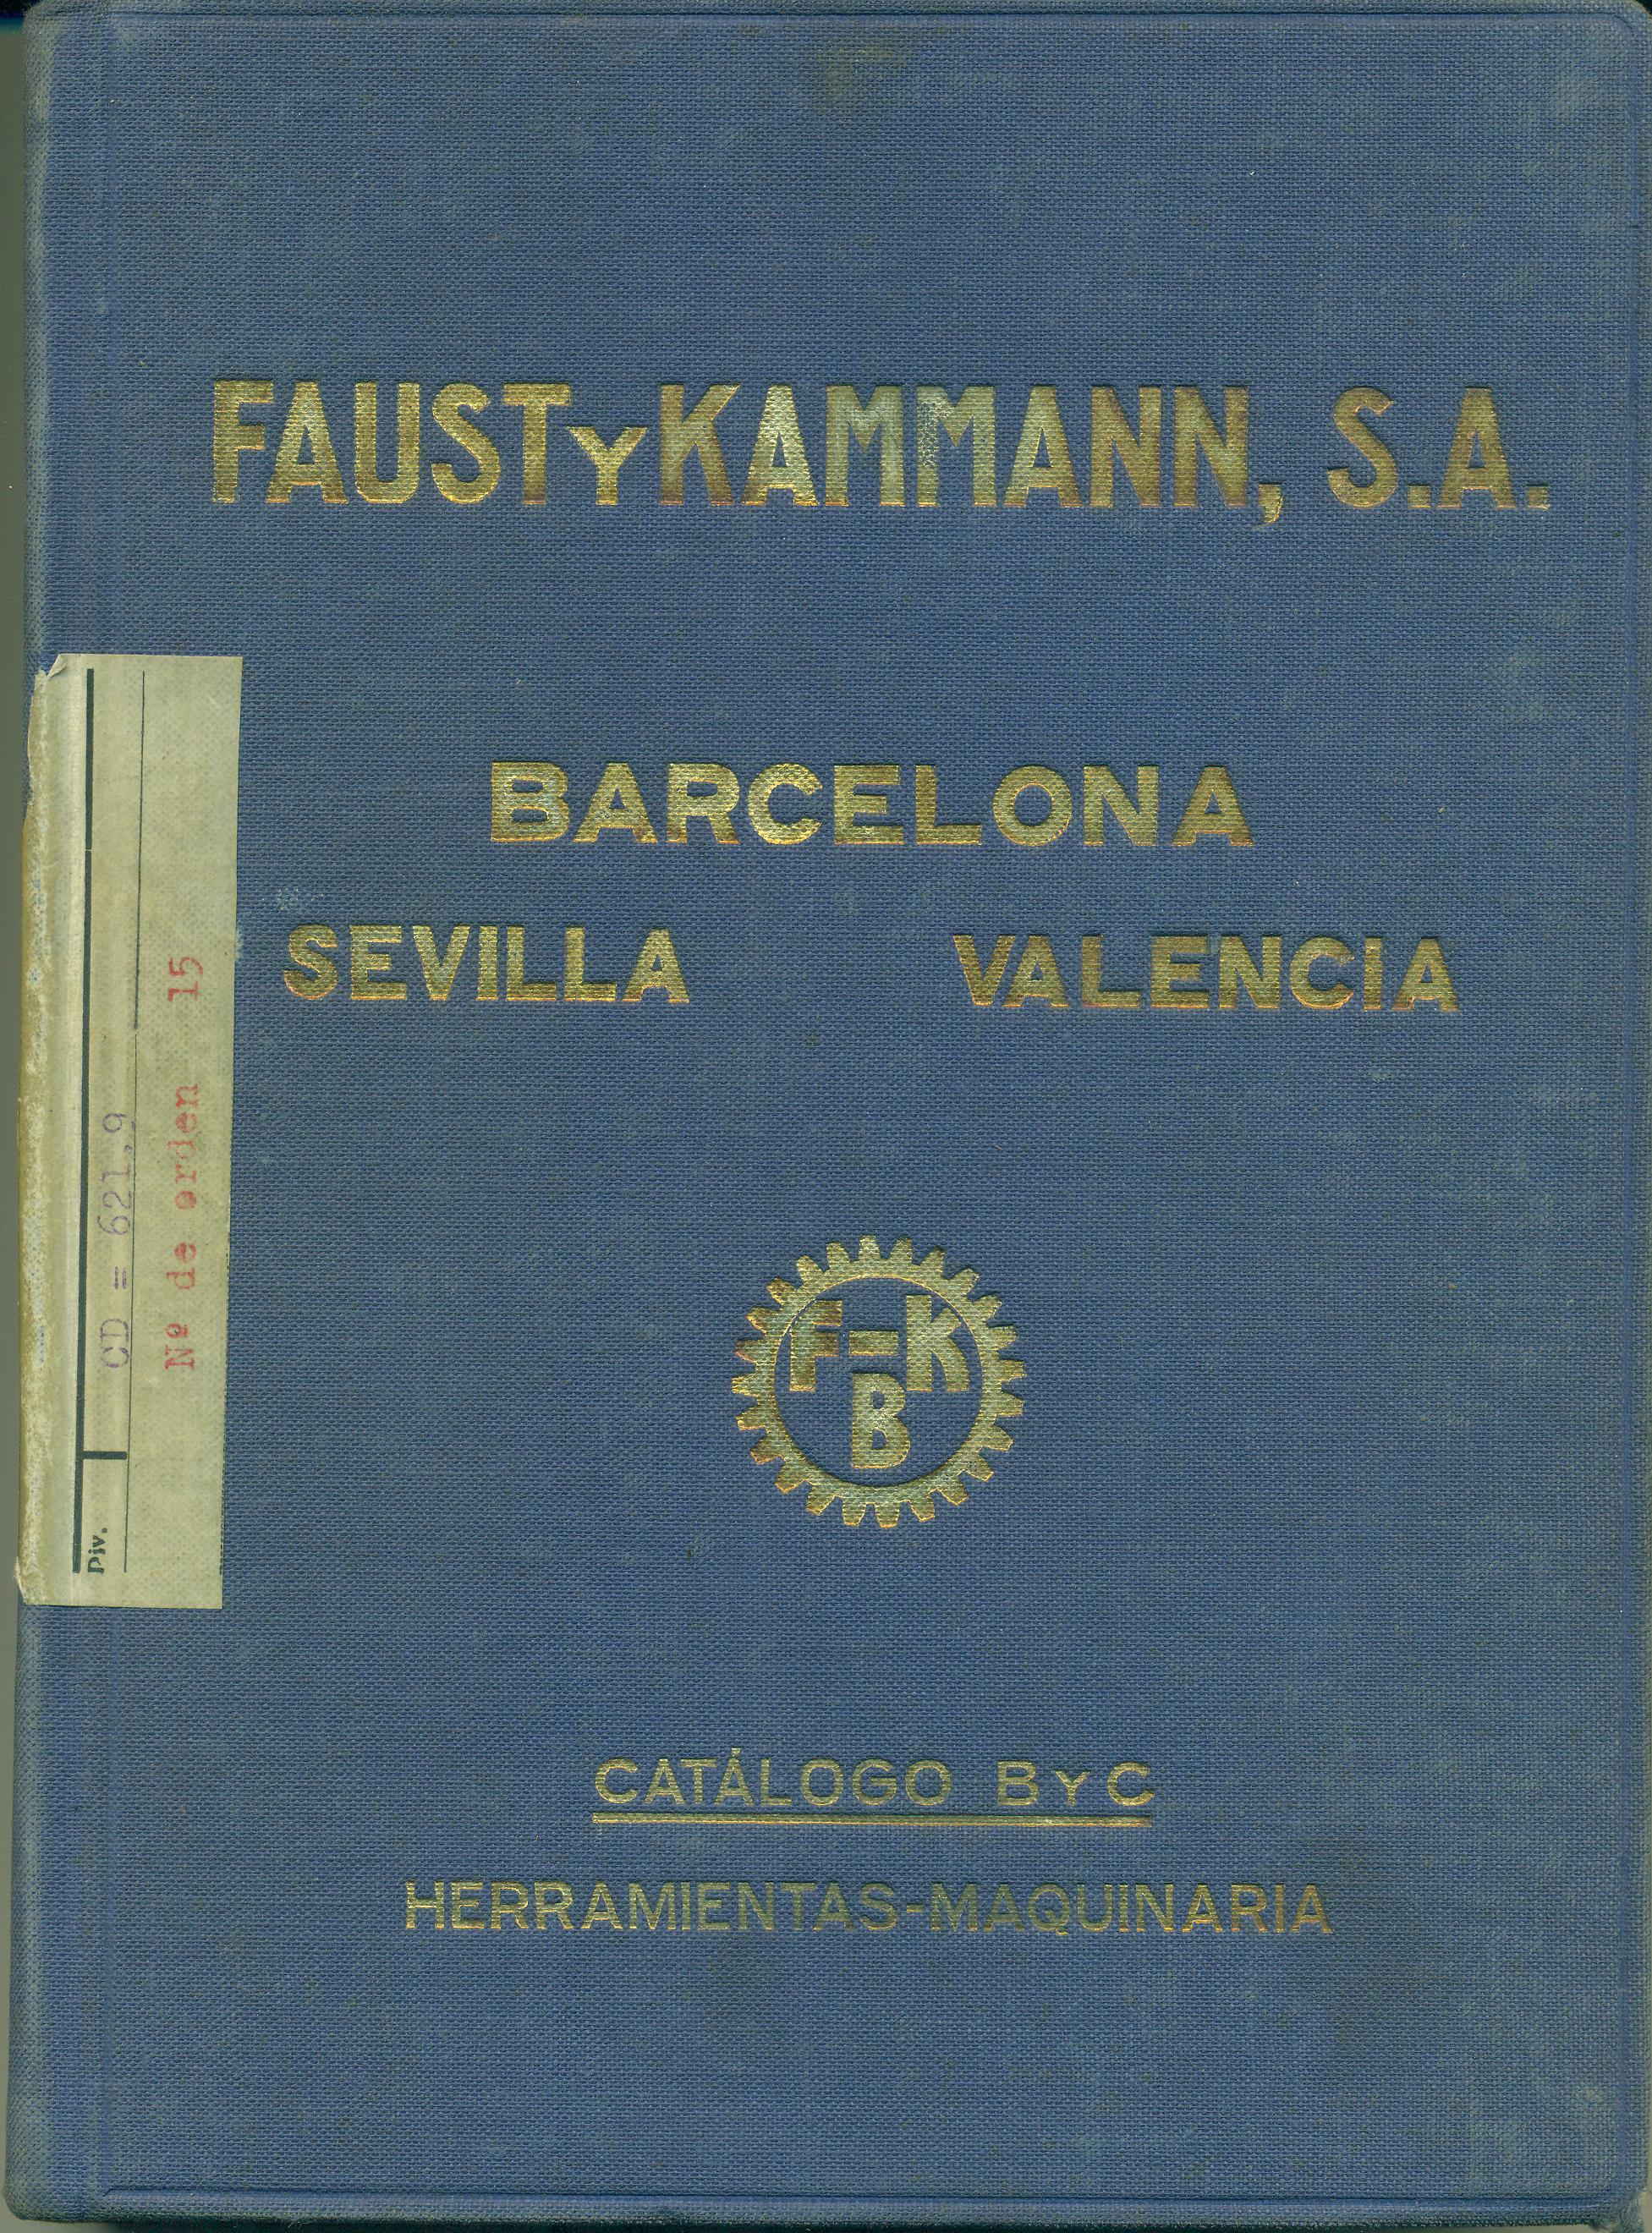 FAUST Y KAMMANN, S.A.